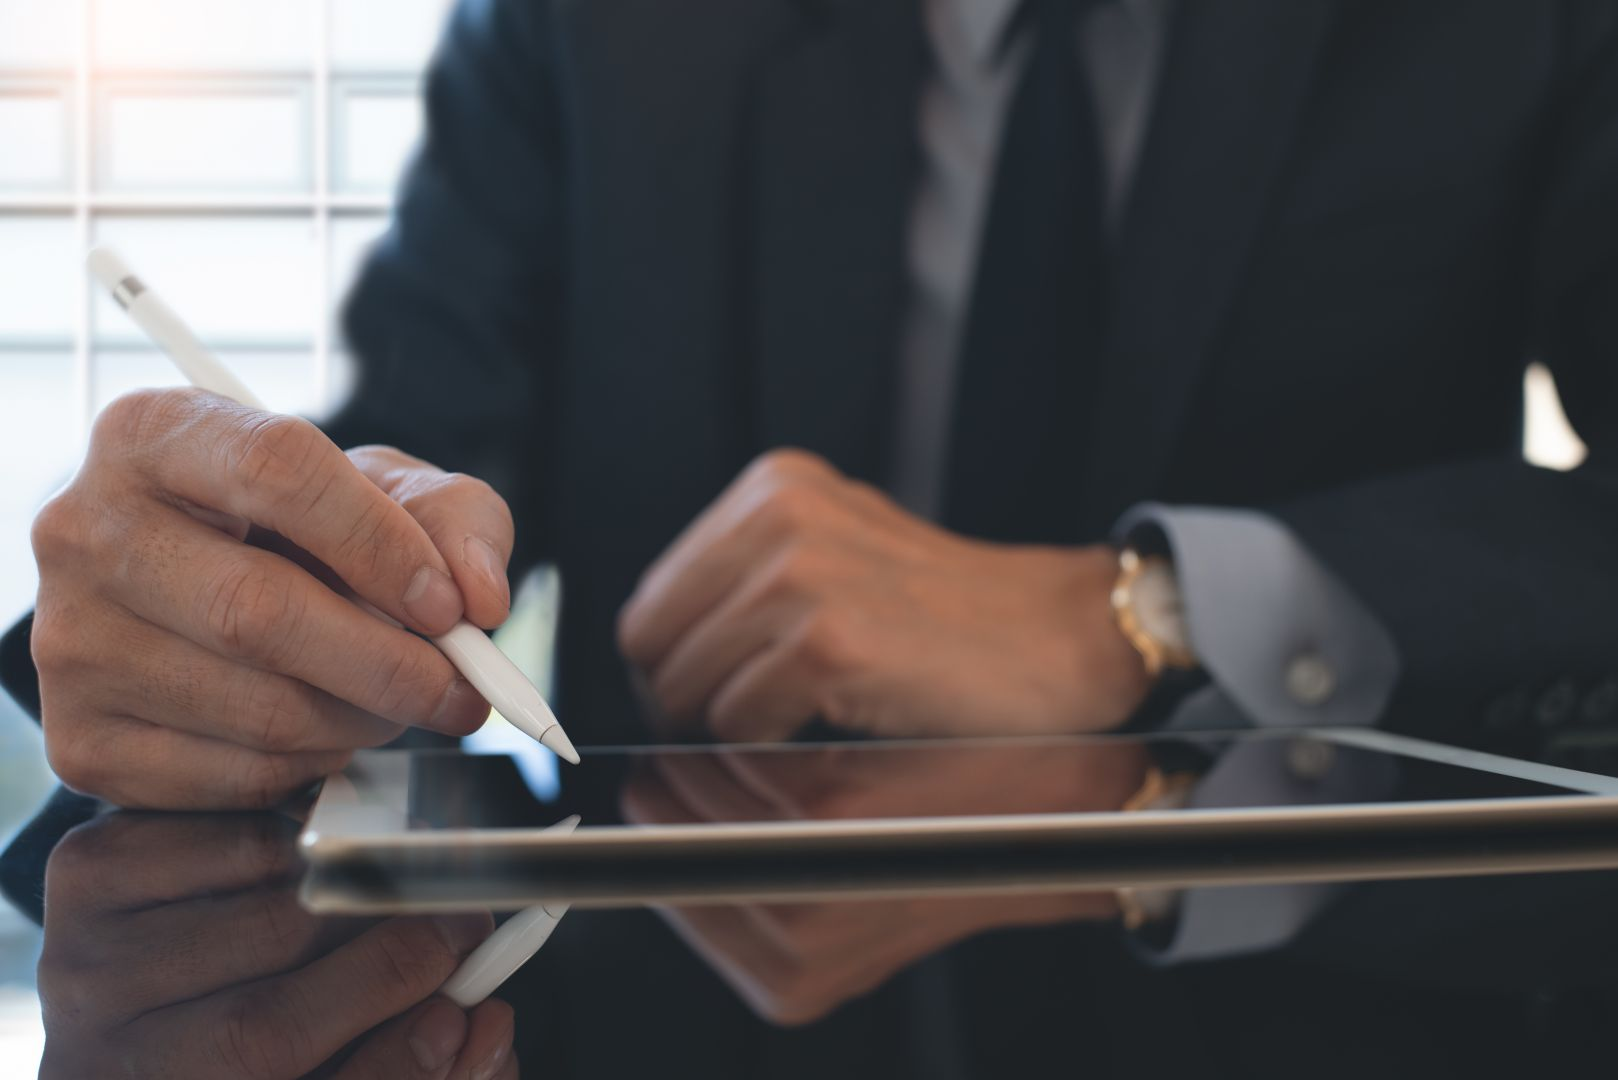 Lici généralise la signature d'actes notariés à distance grâce à Quai des Notaires